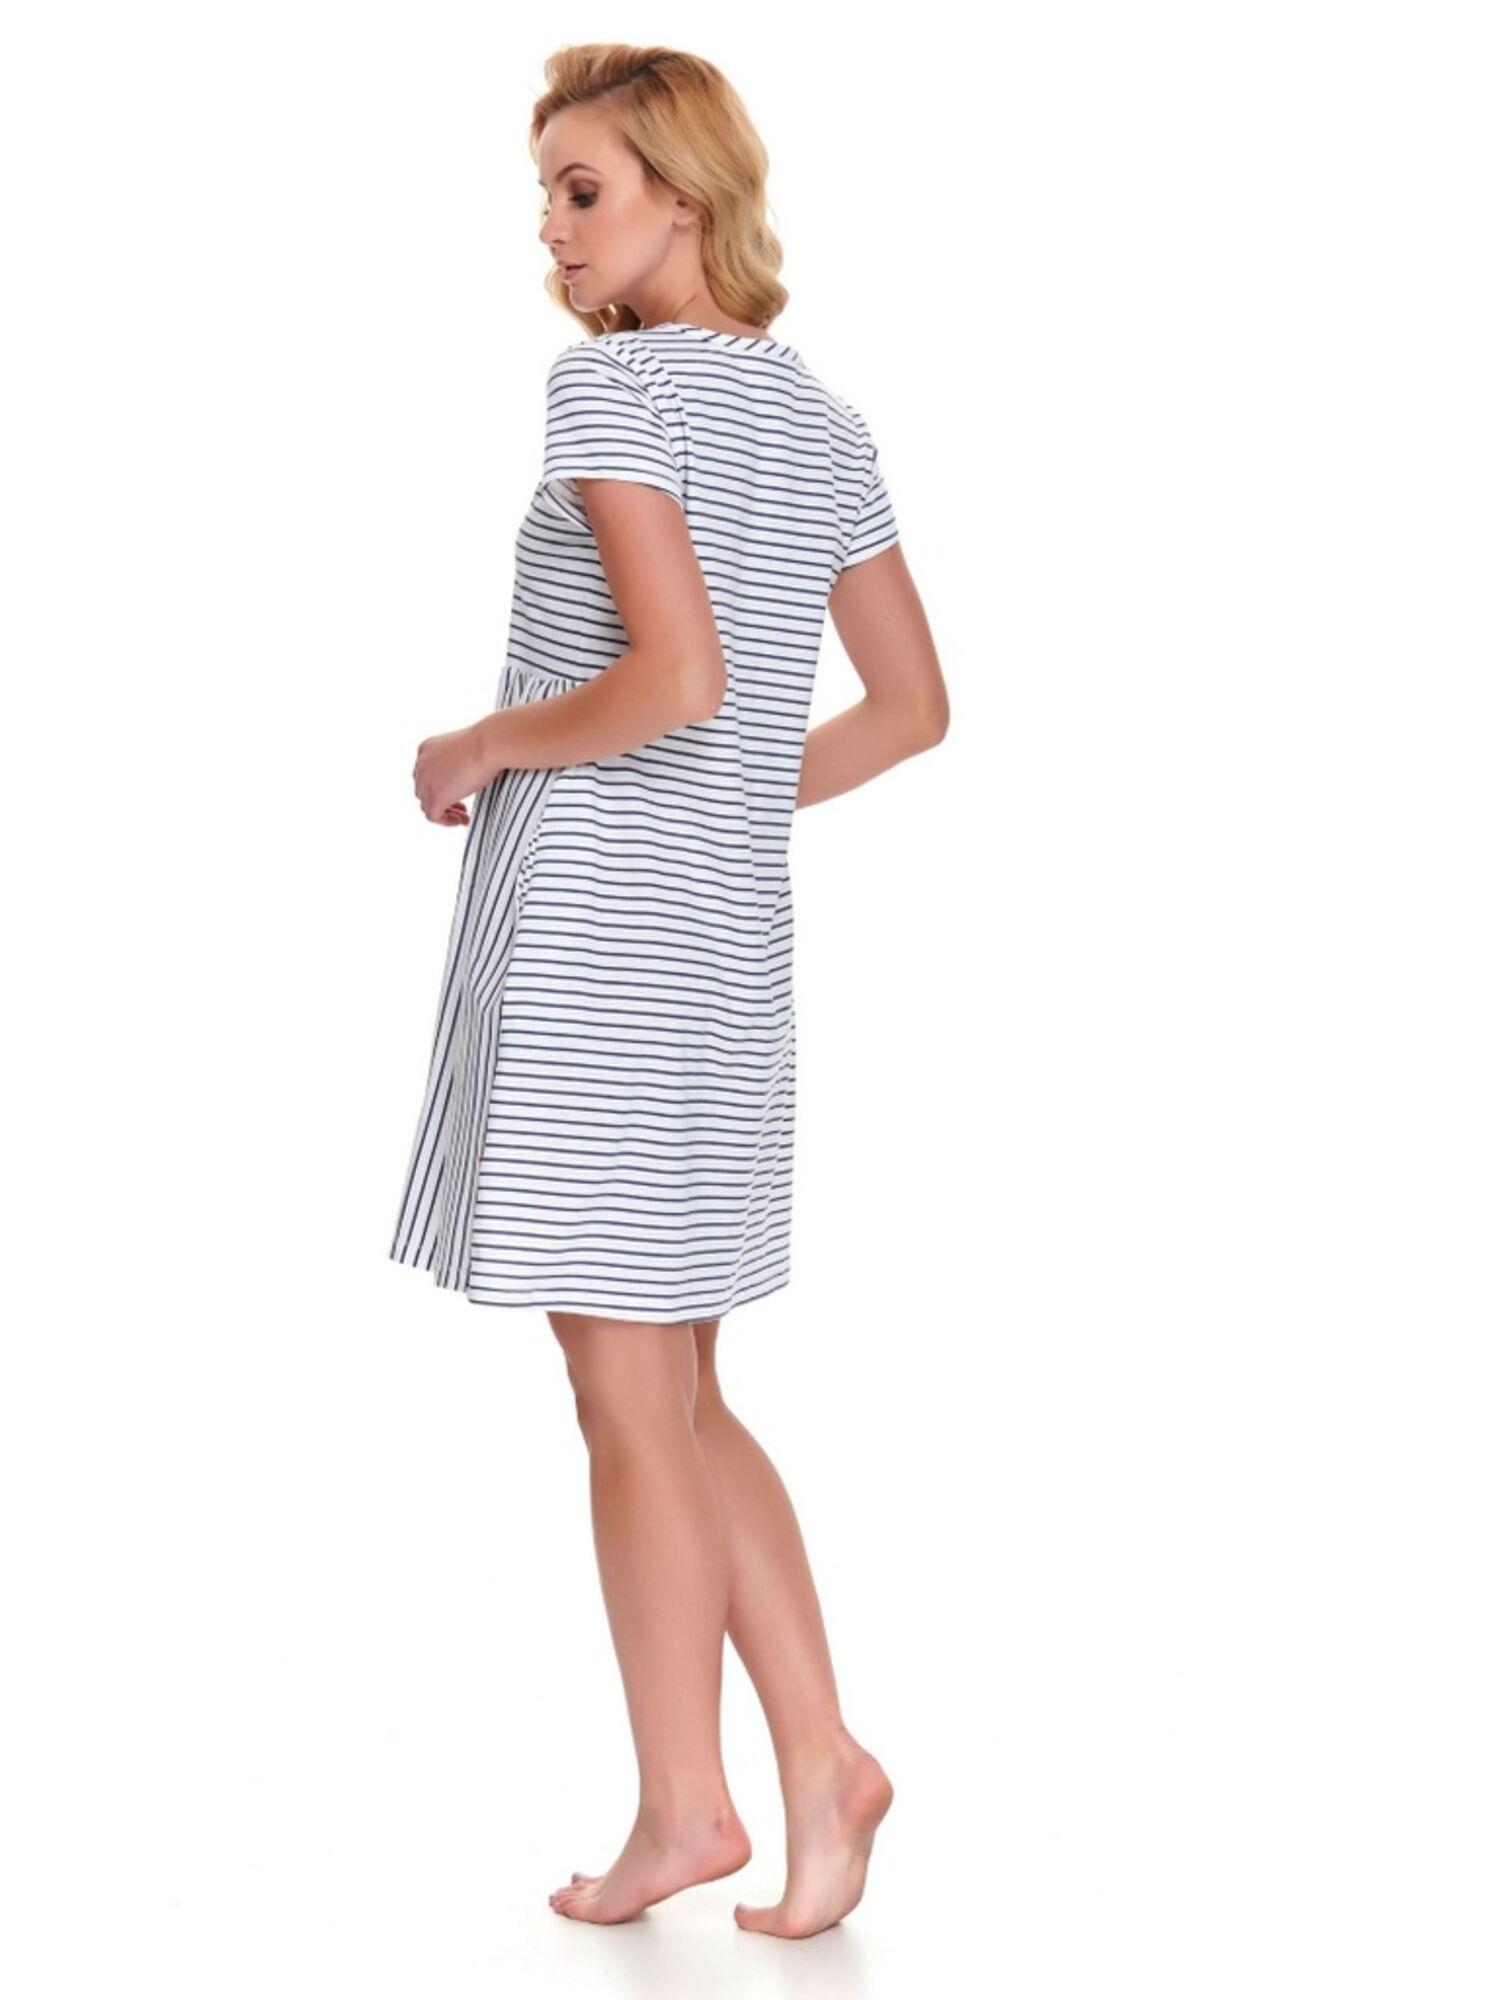 Сорочка женская хлопковая 9928 TCB, белый, DOCTOR NAP